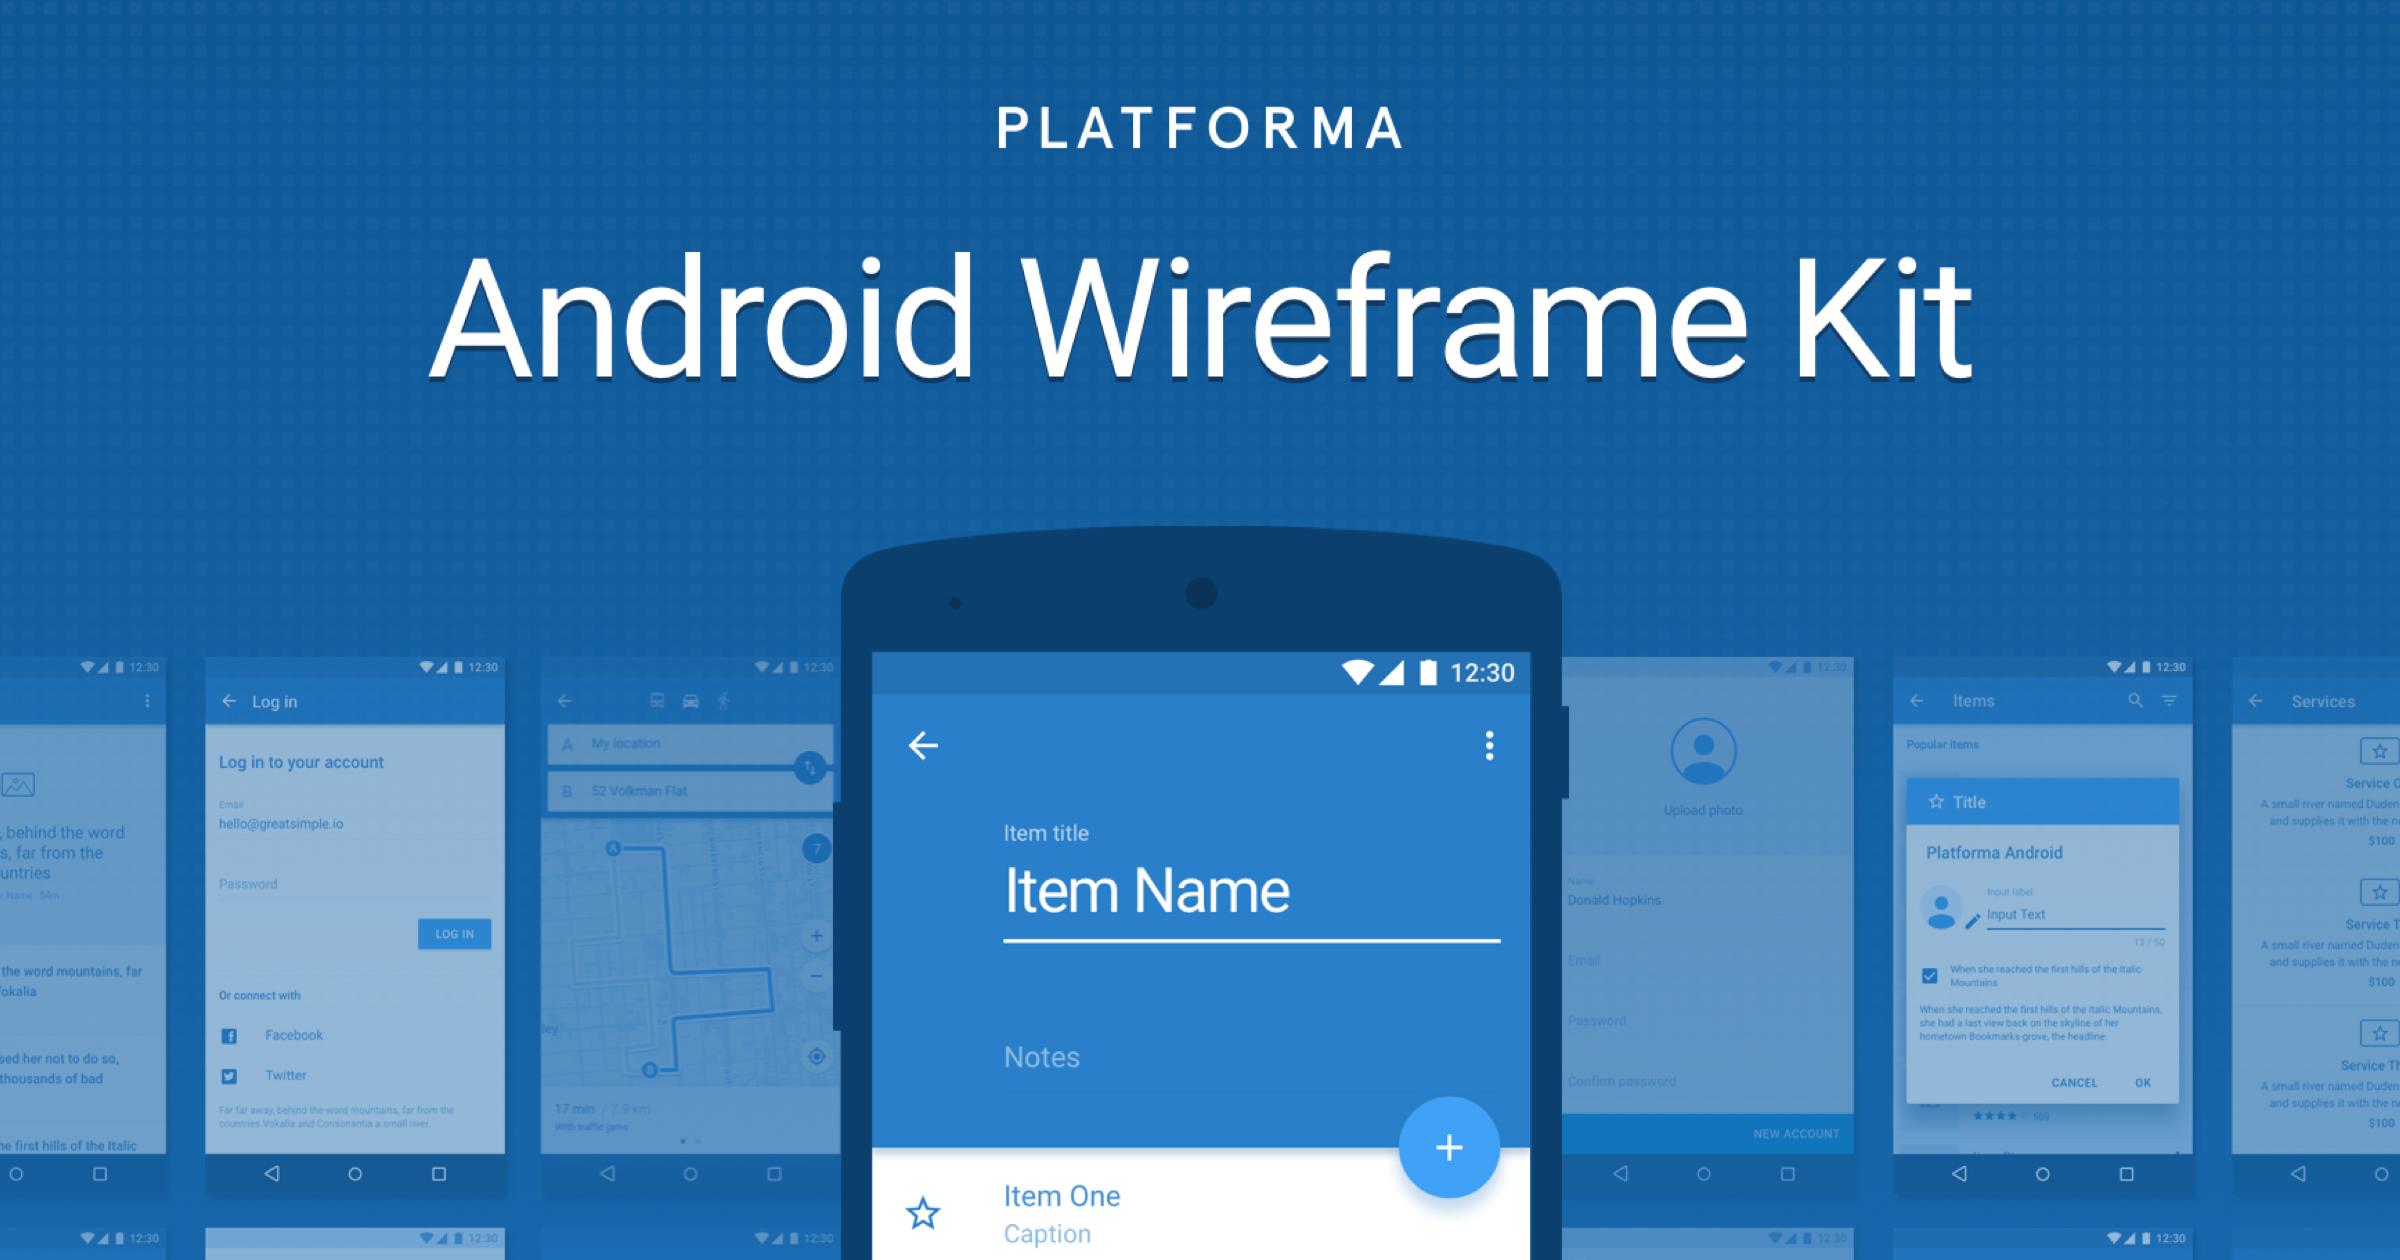 Platforma Web Wireframe Kit